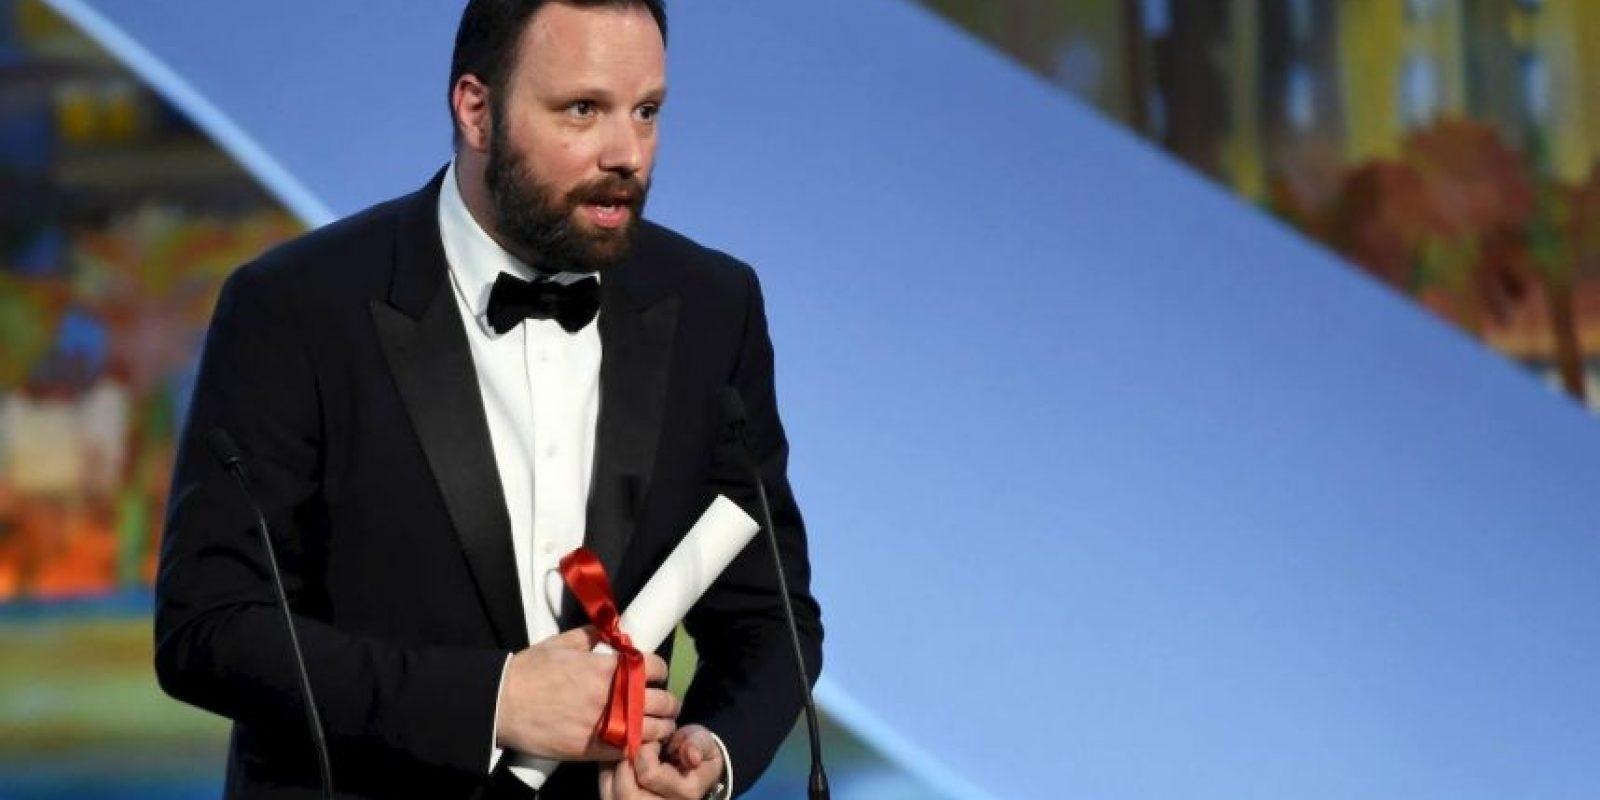 """El director Yorgos Lanthimos, de Grecia, ganó el Premio del jurado por """"The Lobster"""" Foto:vía facebook.com/Festival-de-Cannes-Page-Officielle"""